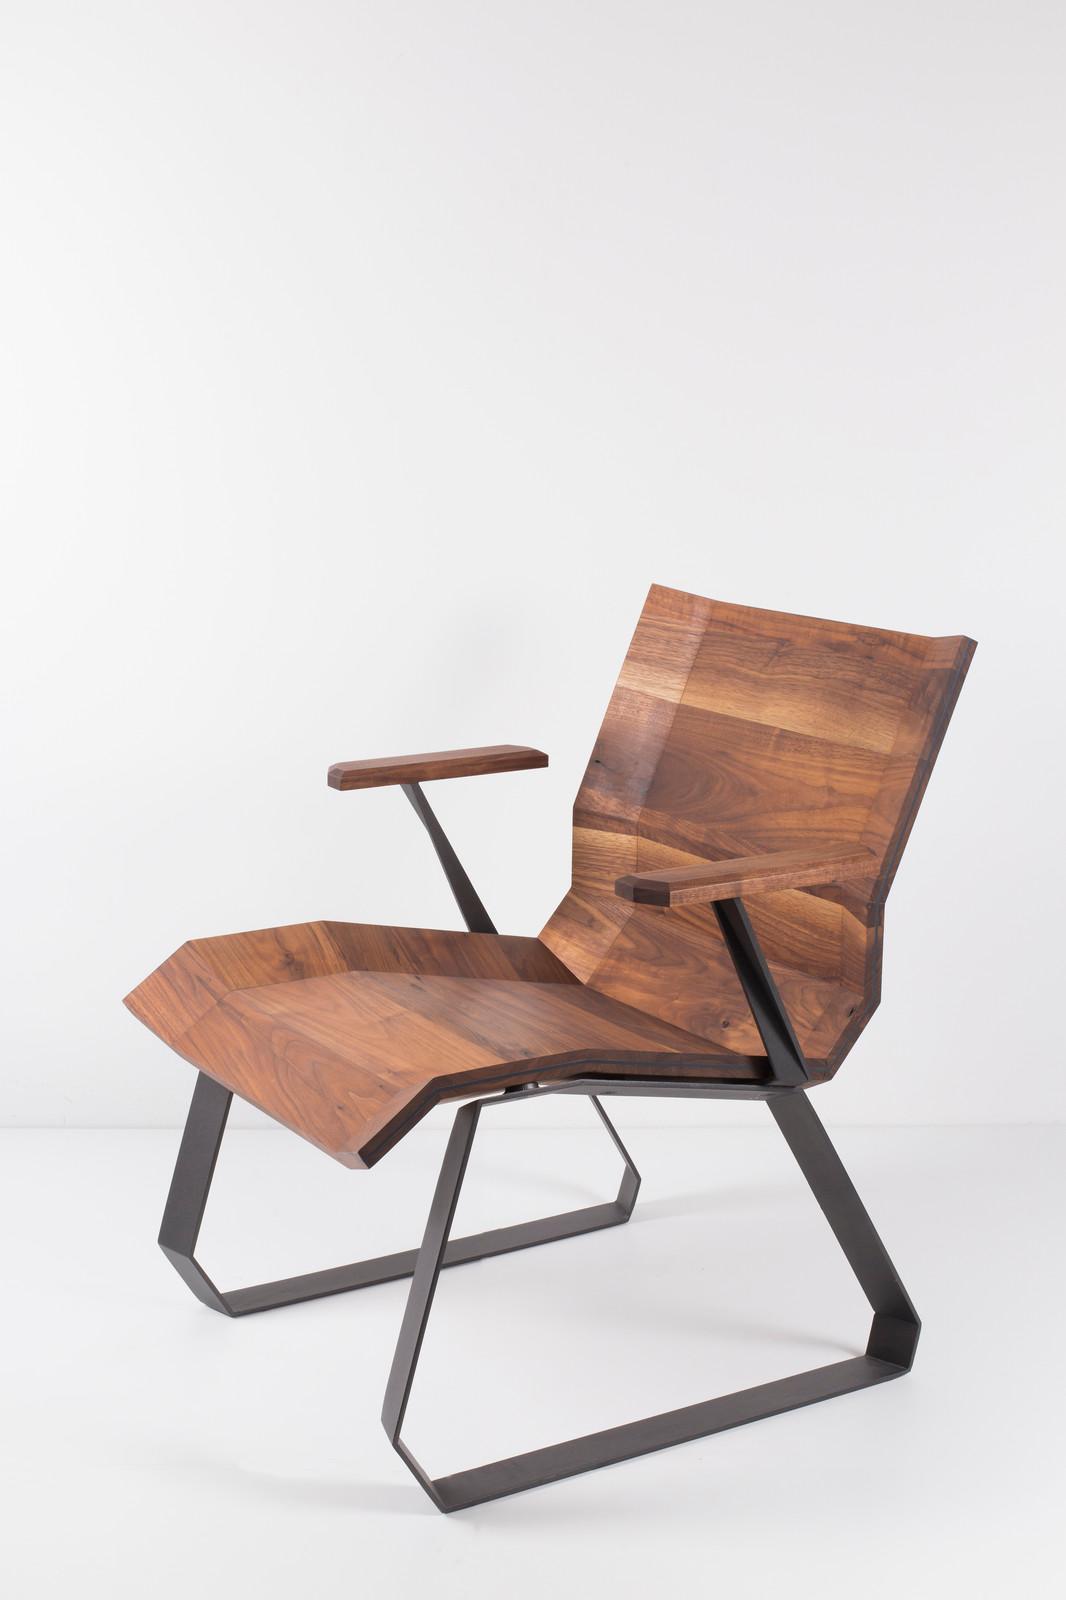 Flod Low chair by Van Tjalle & Jasper [2013, prototype series]